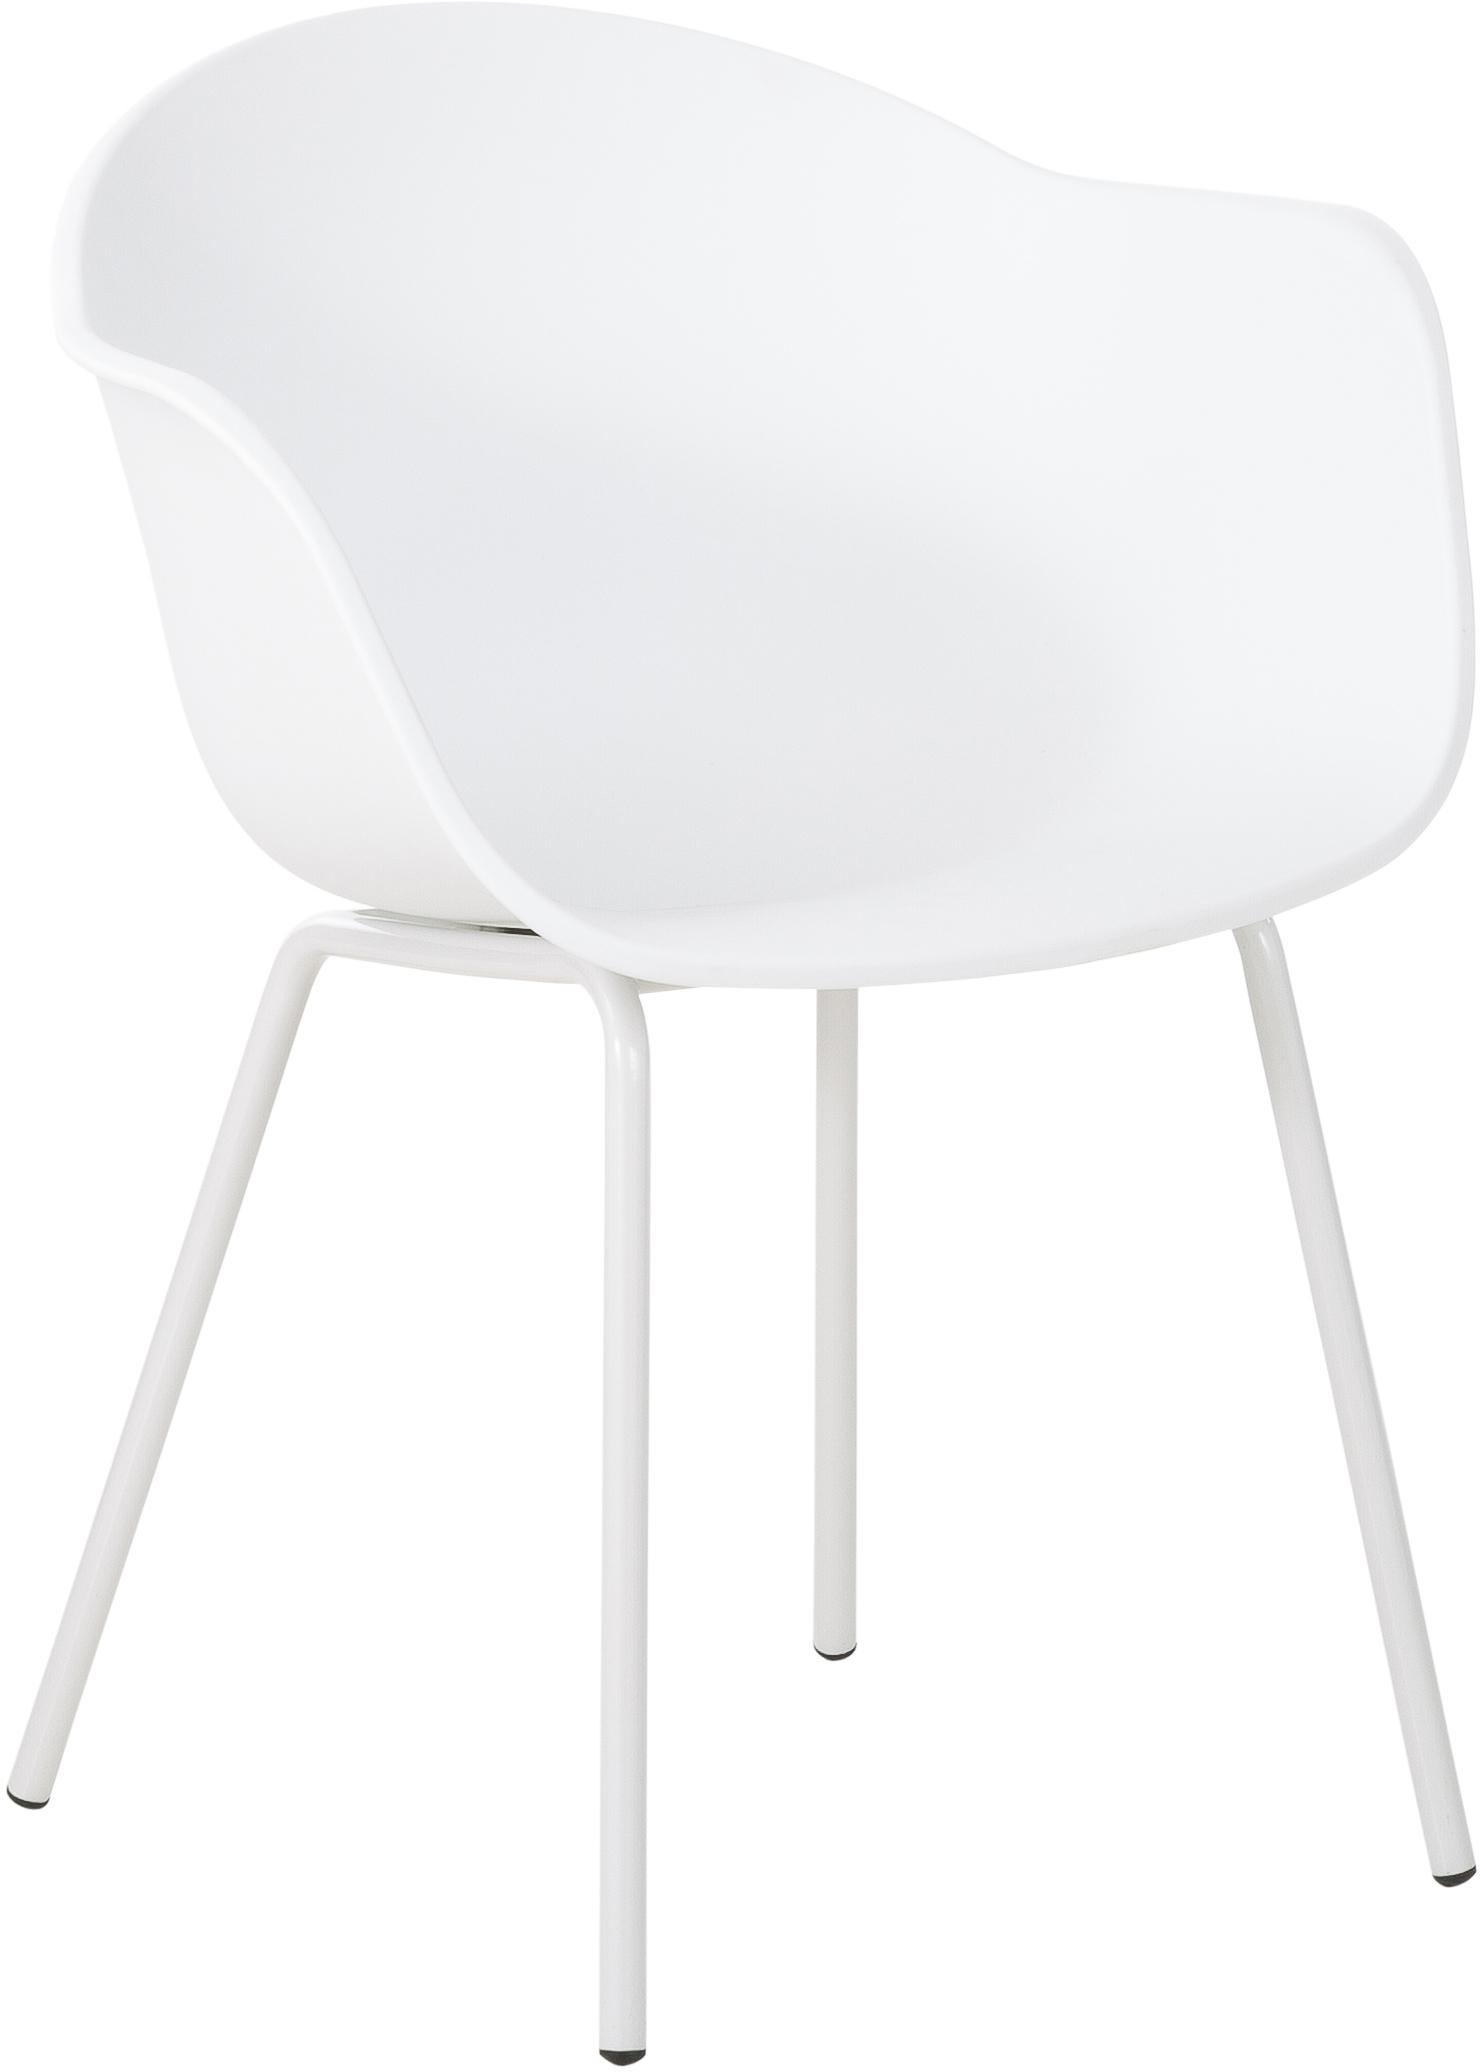 Sedia con braccioli in plastica con gambe in metallo Claire, Seduta: materiale sintetico, Gambe: metallo verniciato a polv, Bianco, Larg. 54 x Prof. 60 cm